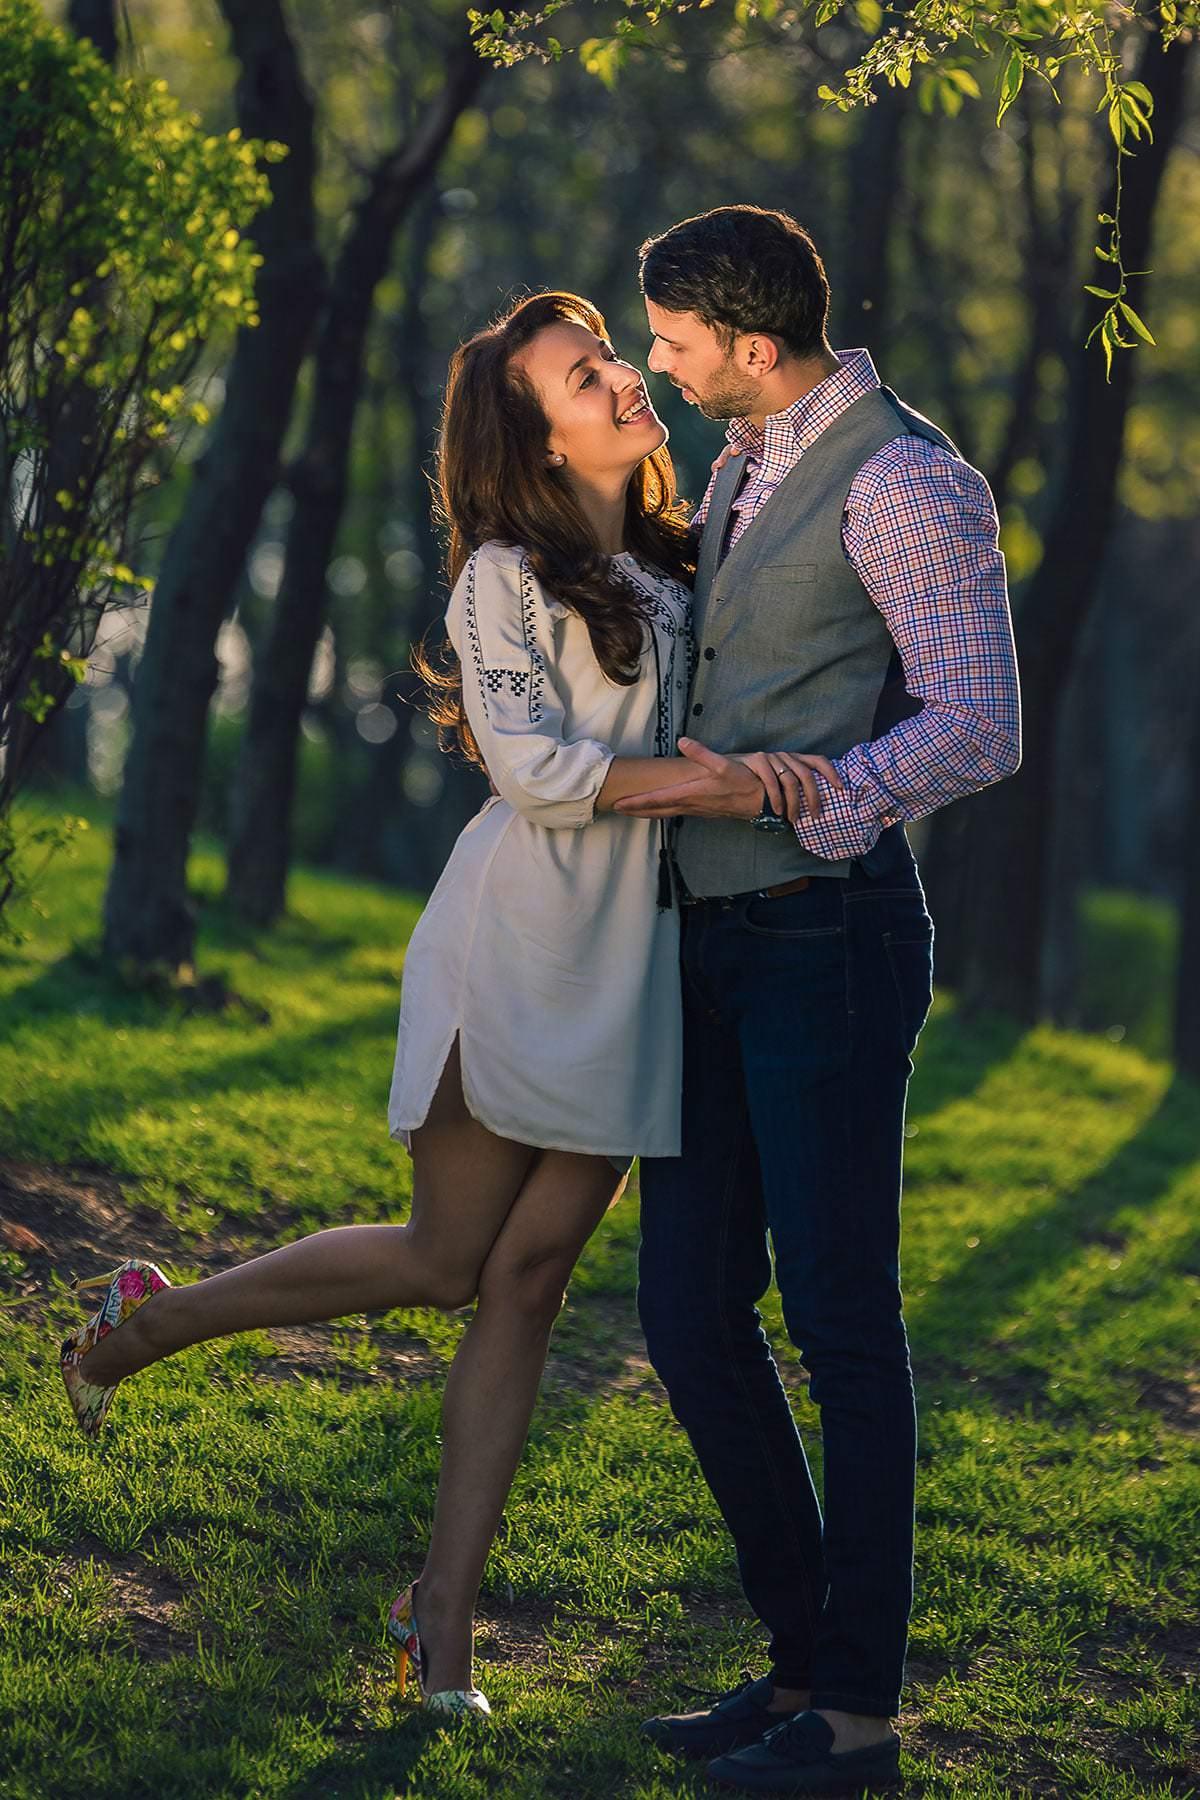 Sedinta foto de logodna in parcul ior (18)